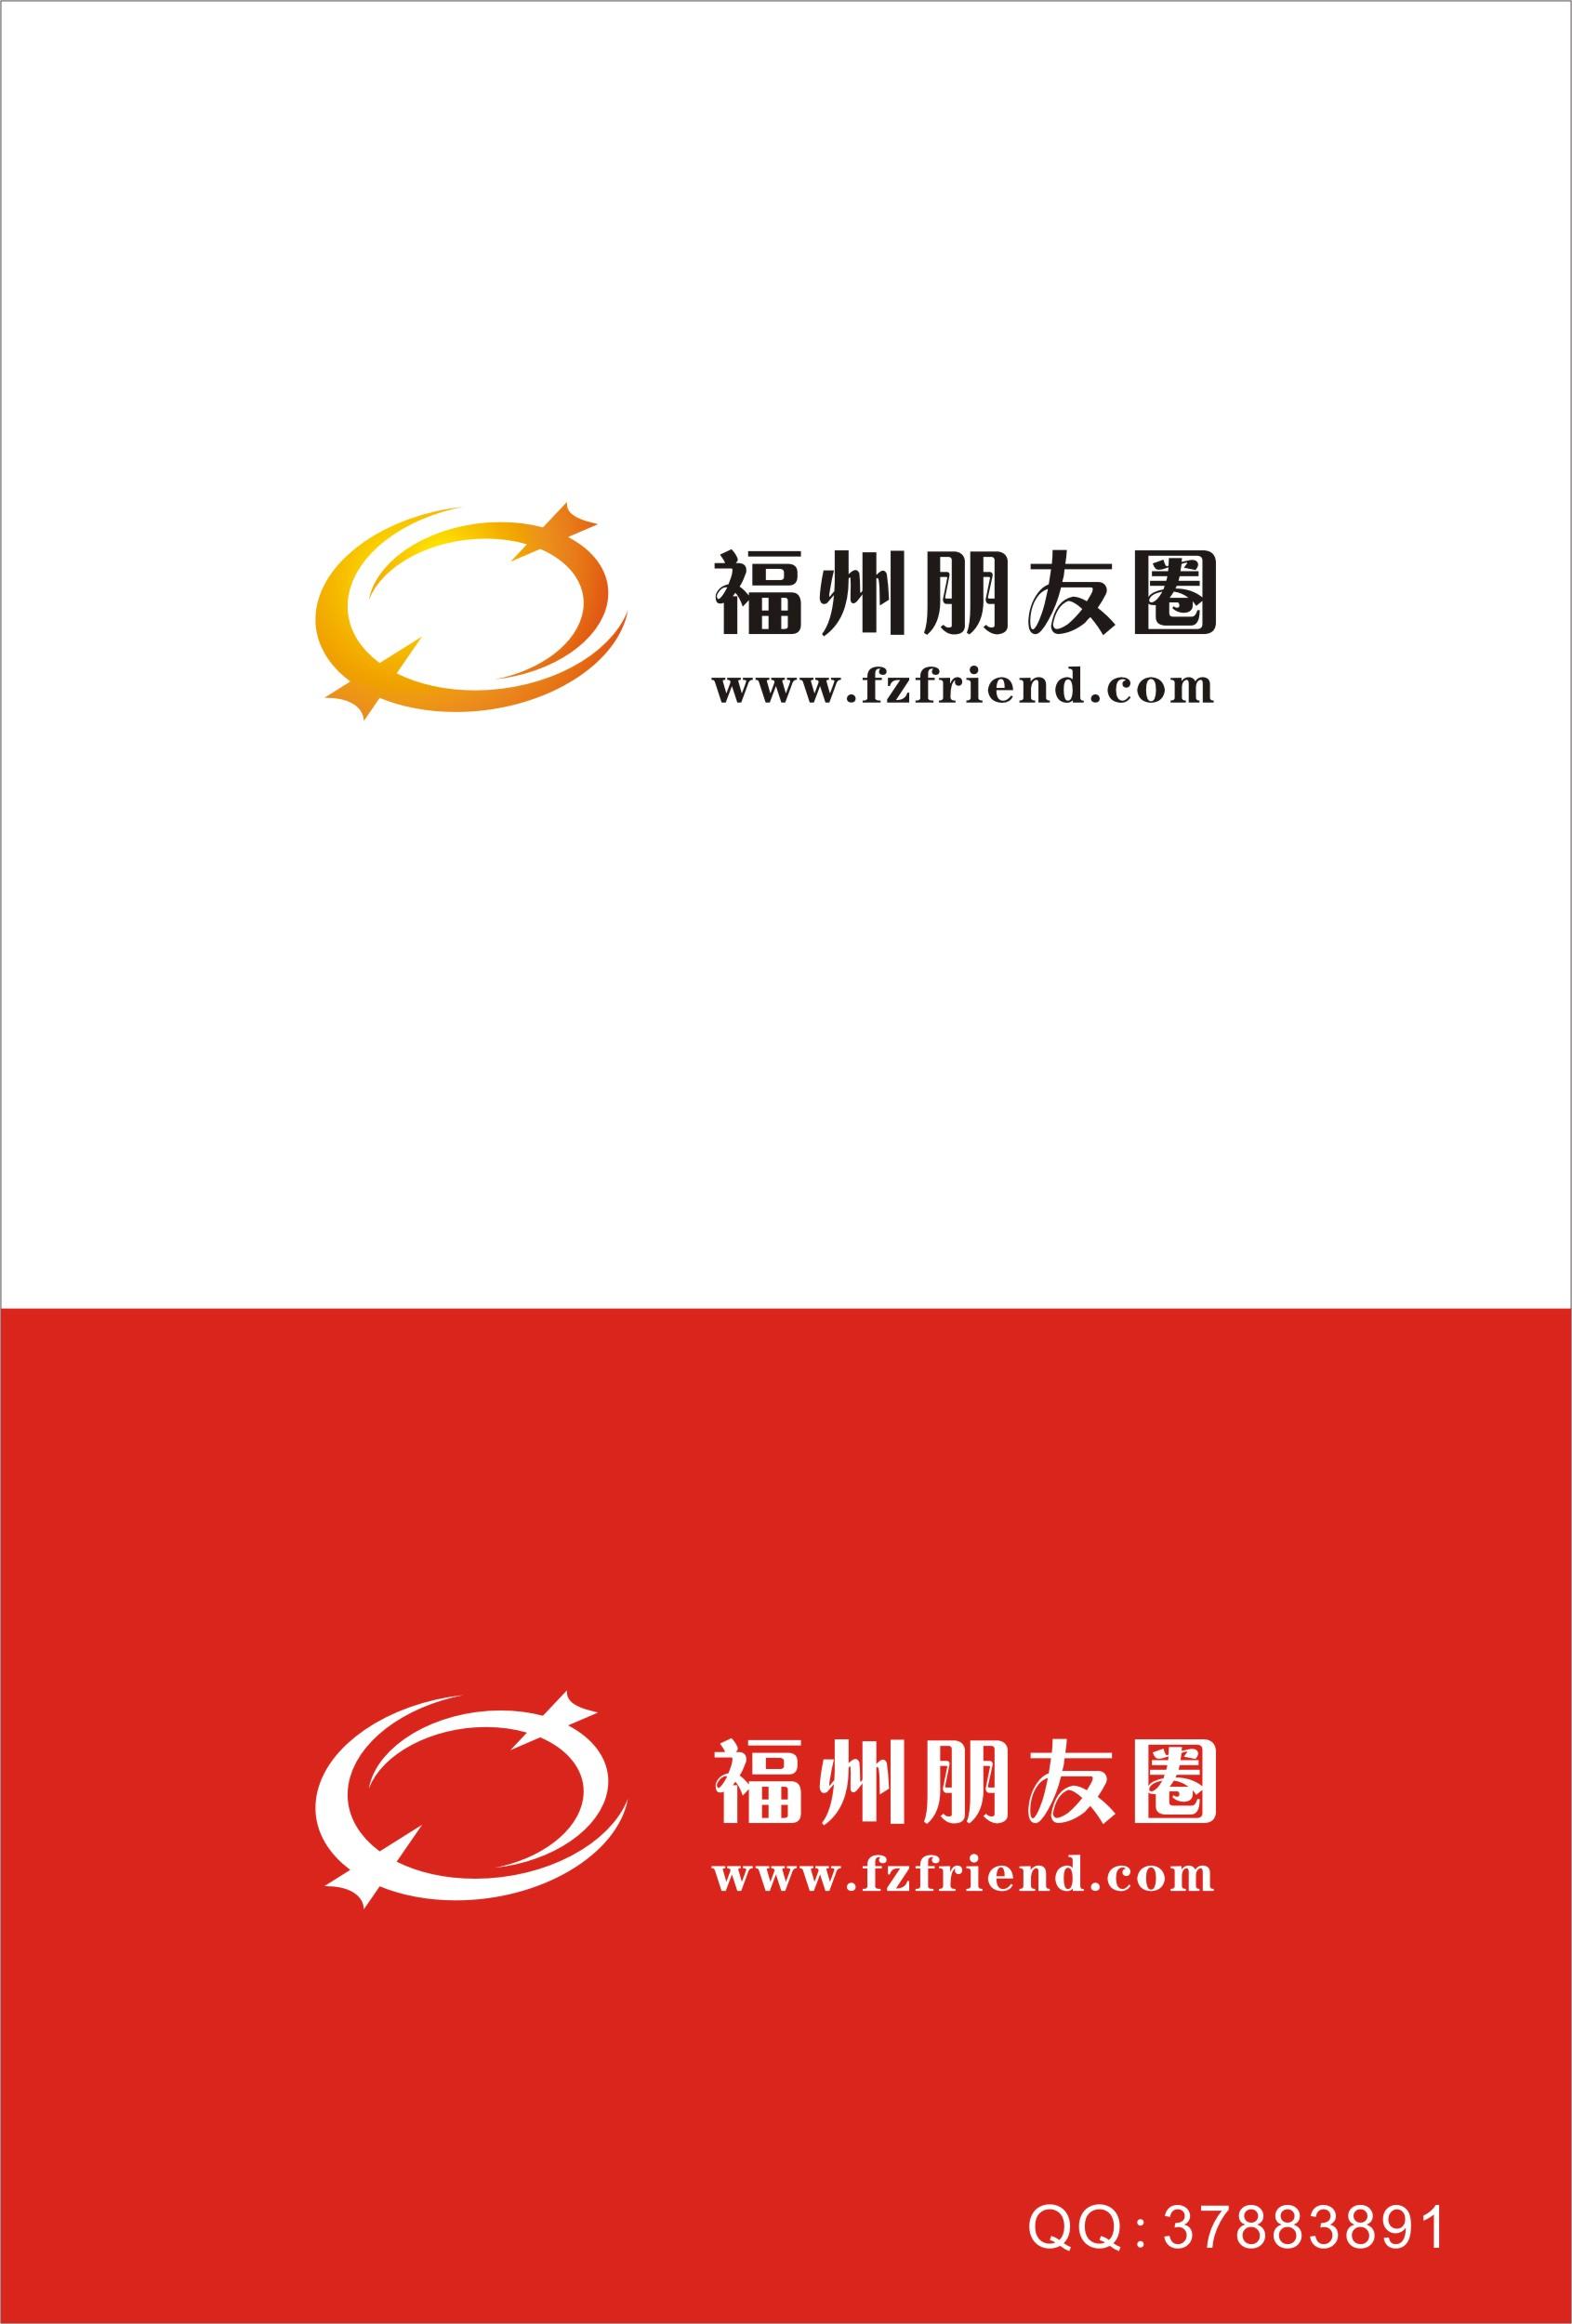 """""""福州朋友圈""""网站logo设计"""